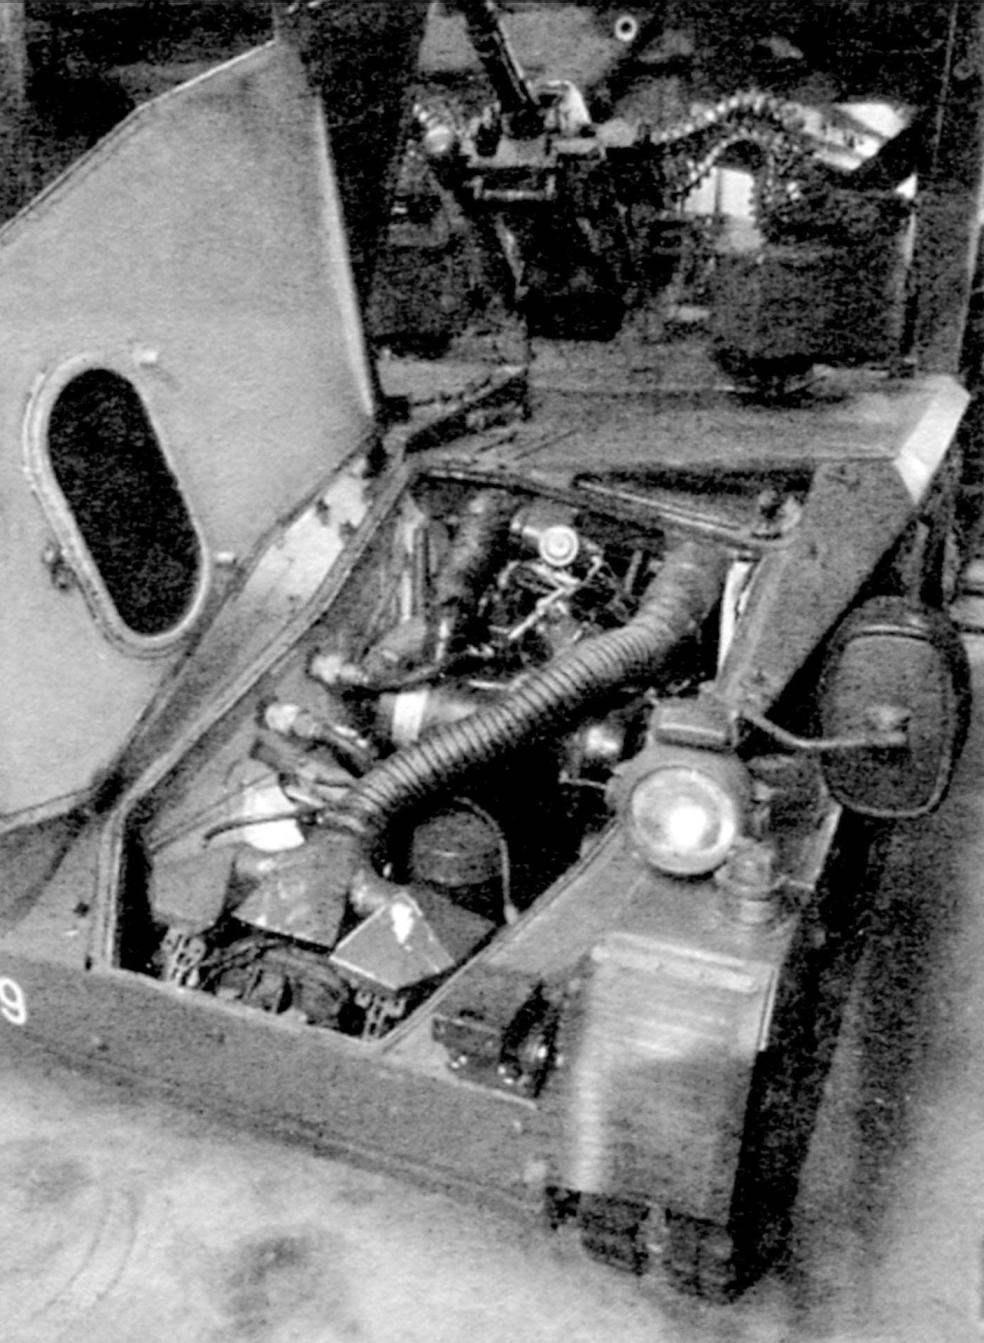 Двигательный отсек машины «Визель». Устанавливался 109-сильный 5-цилиндровый 4-тактный дизель «Фольксваген» с турбонаддувом и водяным охлаждением